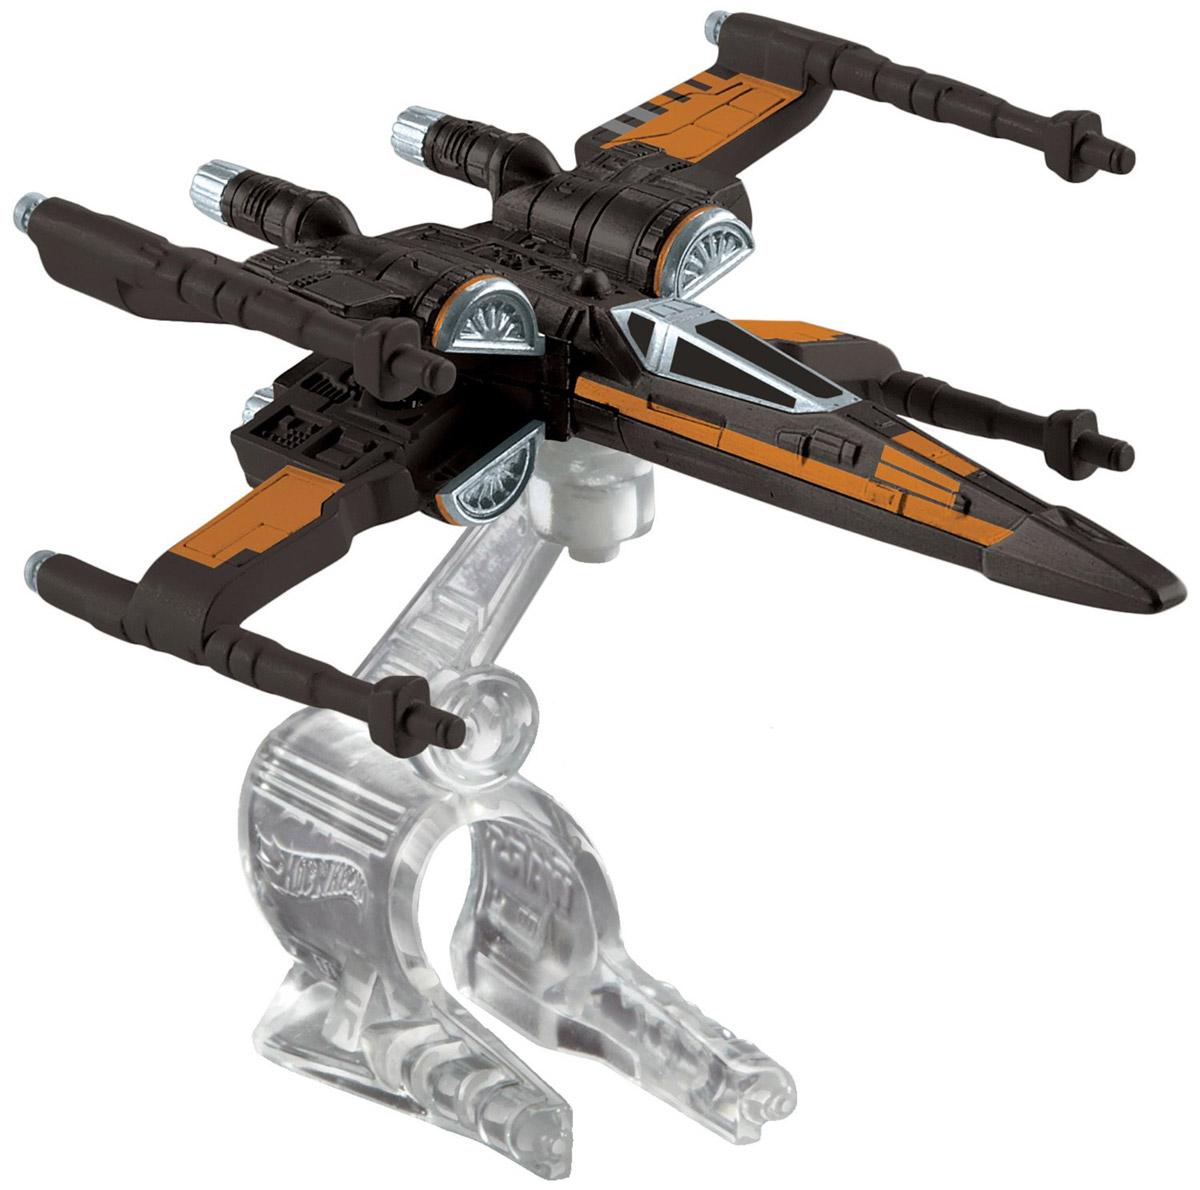 Hot Wheels Star Wars Звездный корабль Poe\'s X-Wing Fighter ( CGW52_DMP63 )